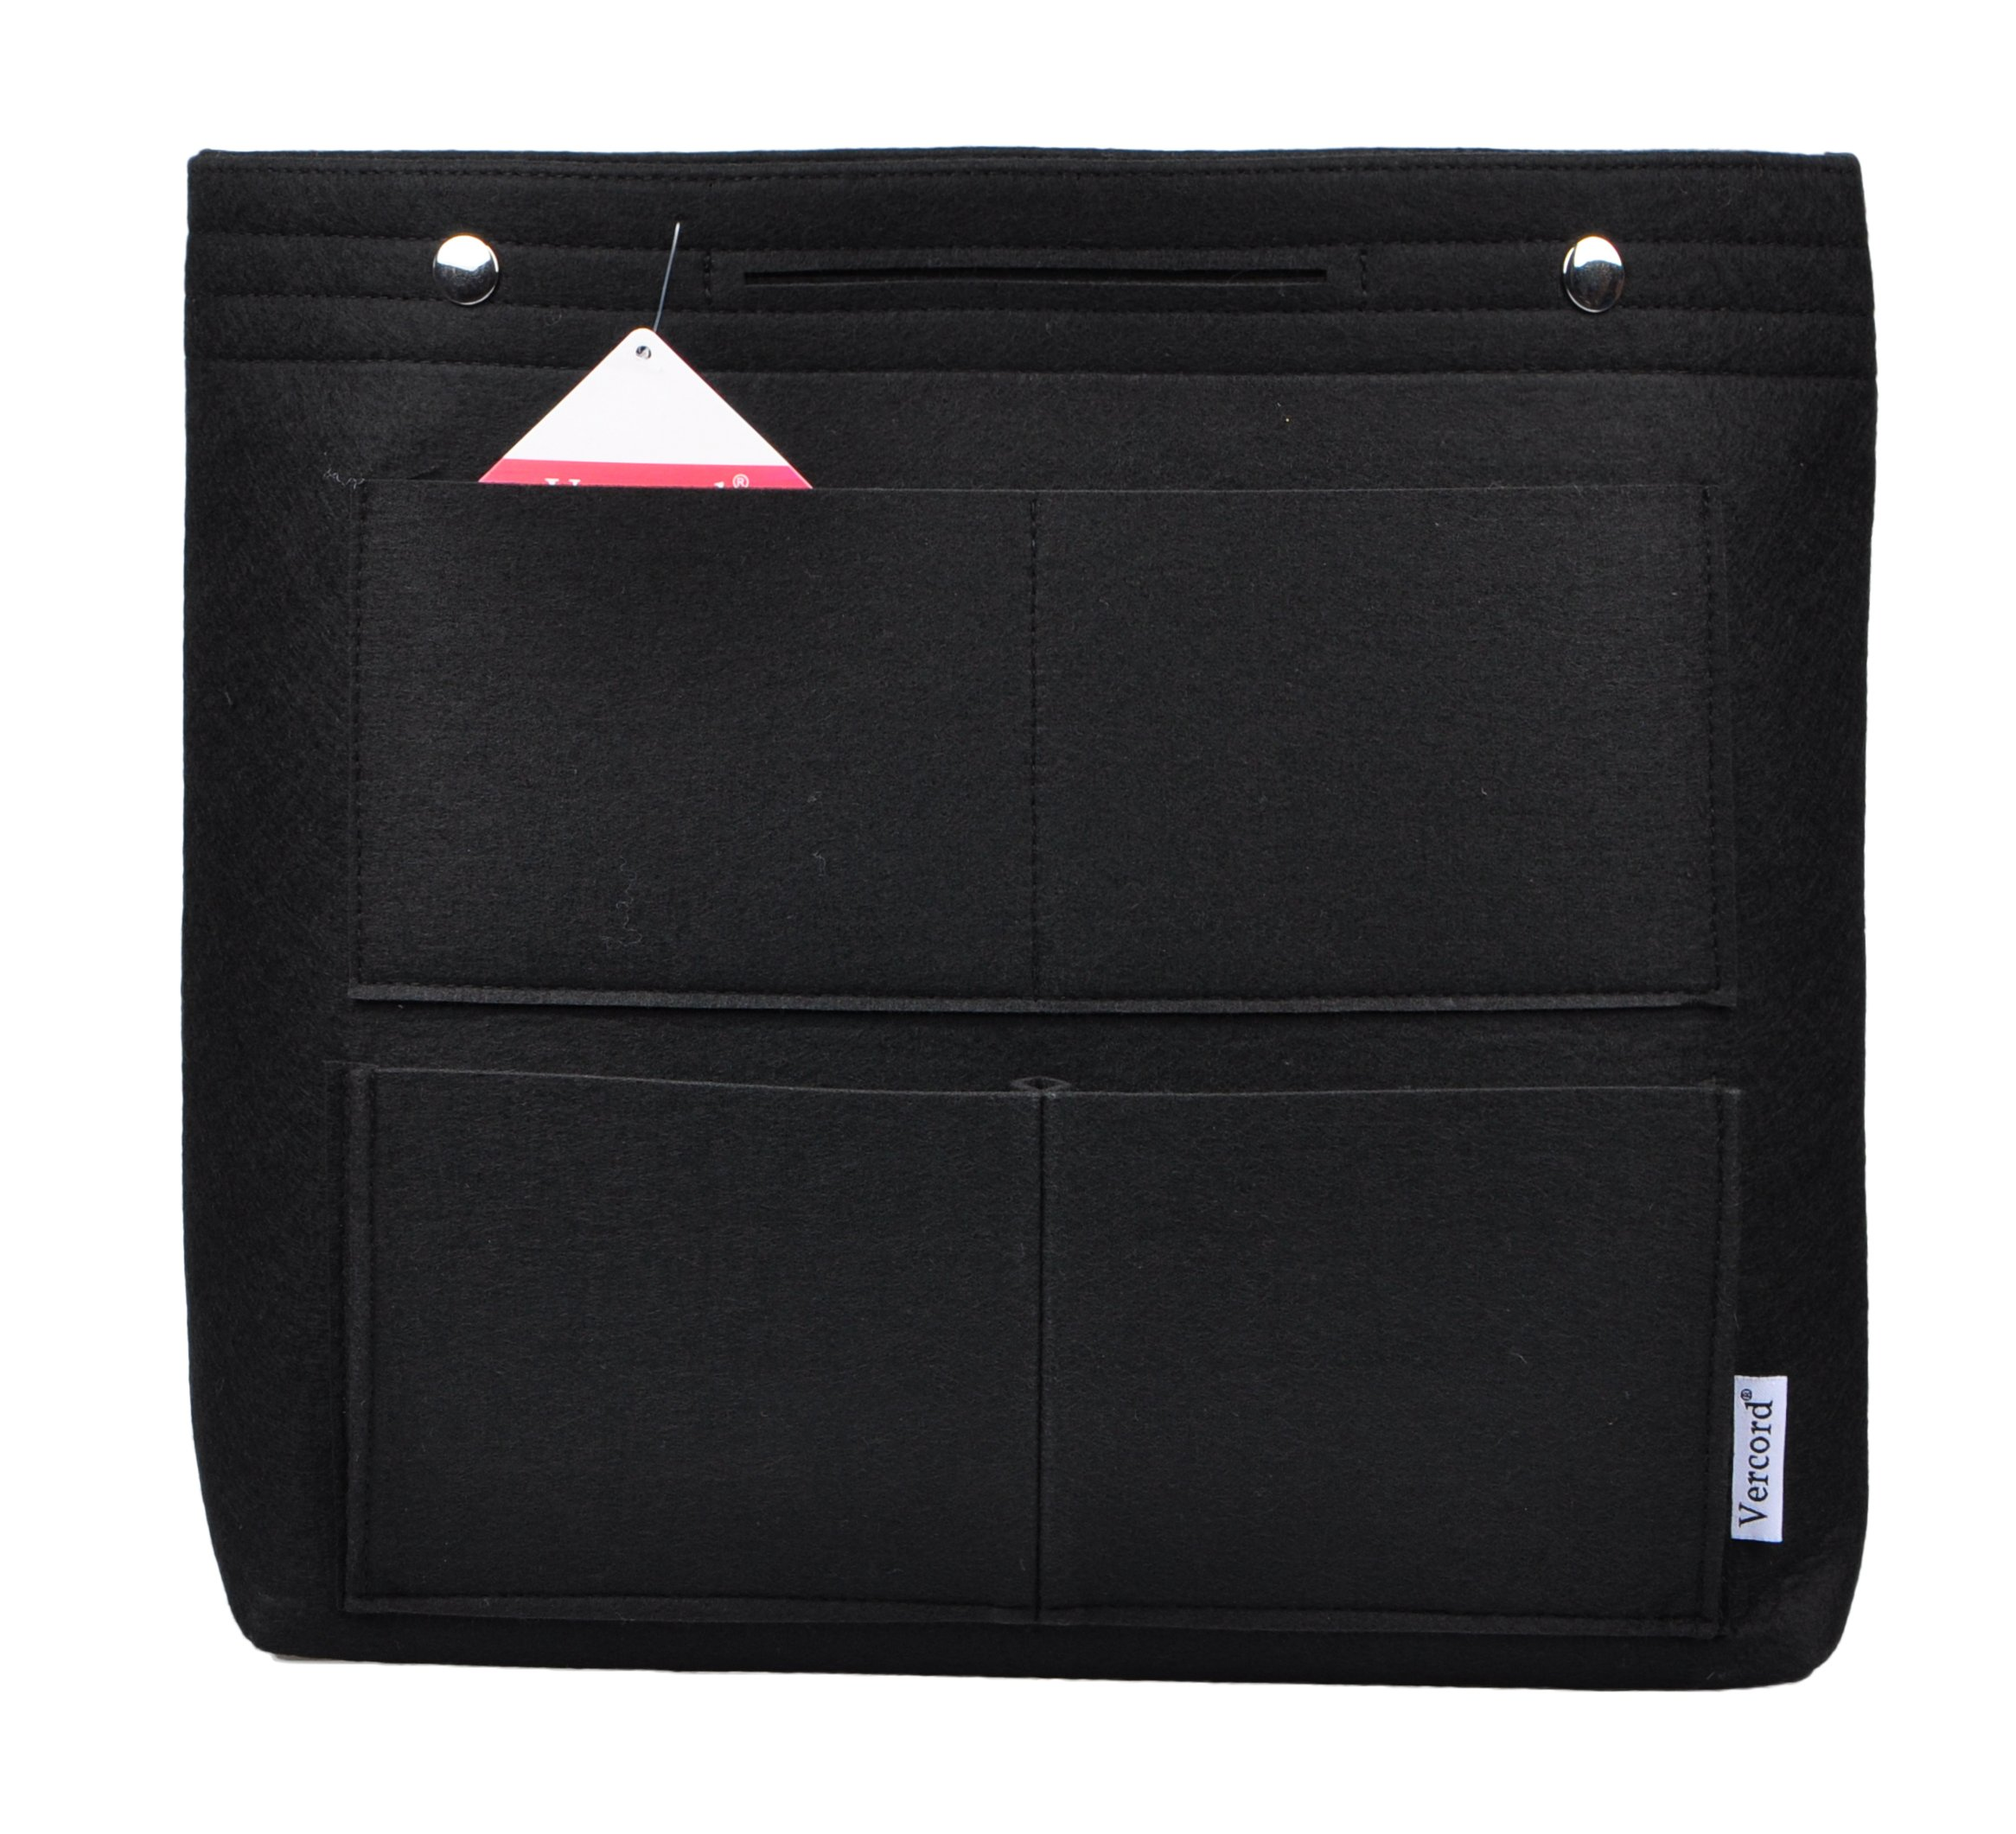 Vercord Long Large Felt Handbag Tote Purse Organizer Insert Liner Multi-Pocket, Black by Vercord